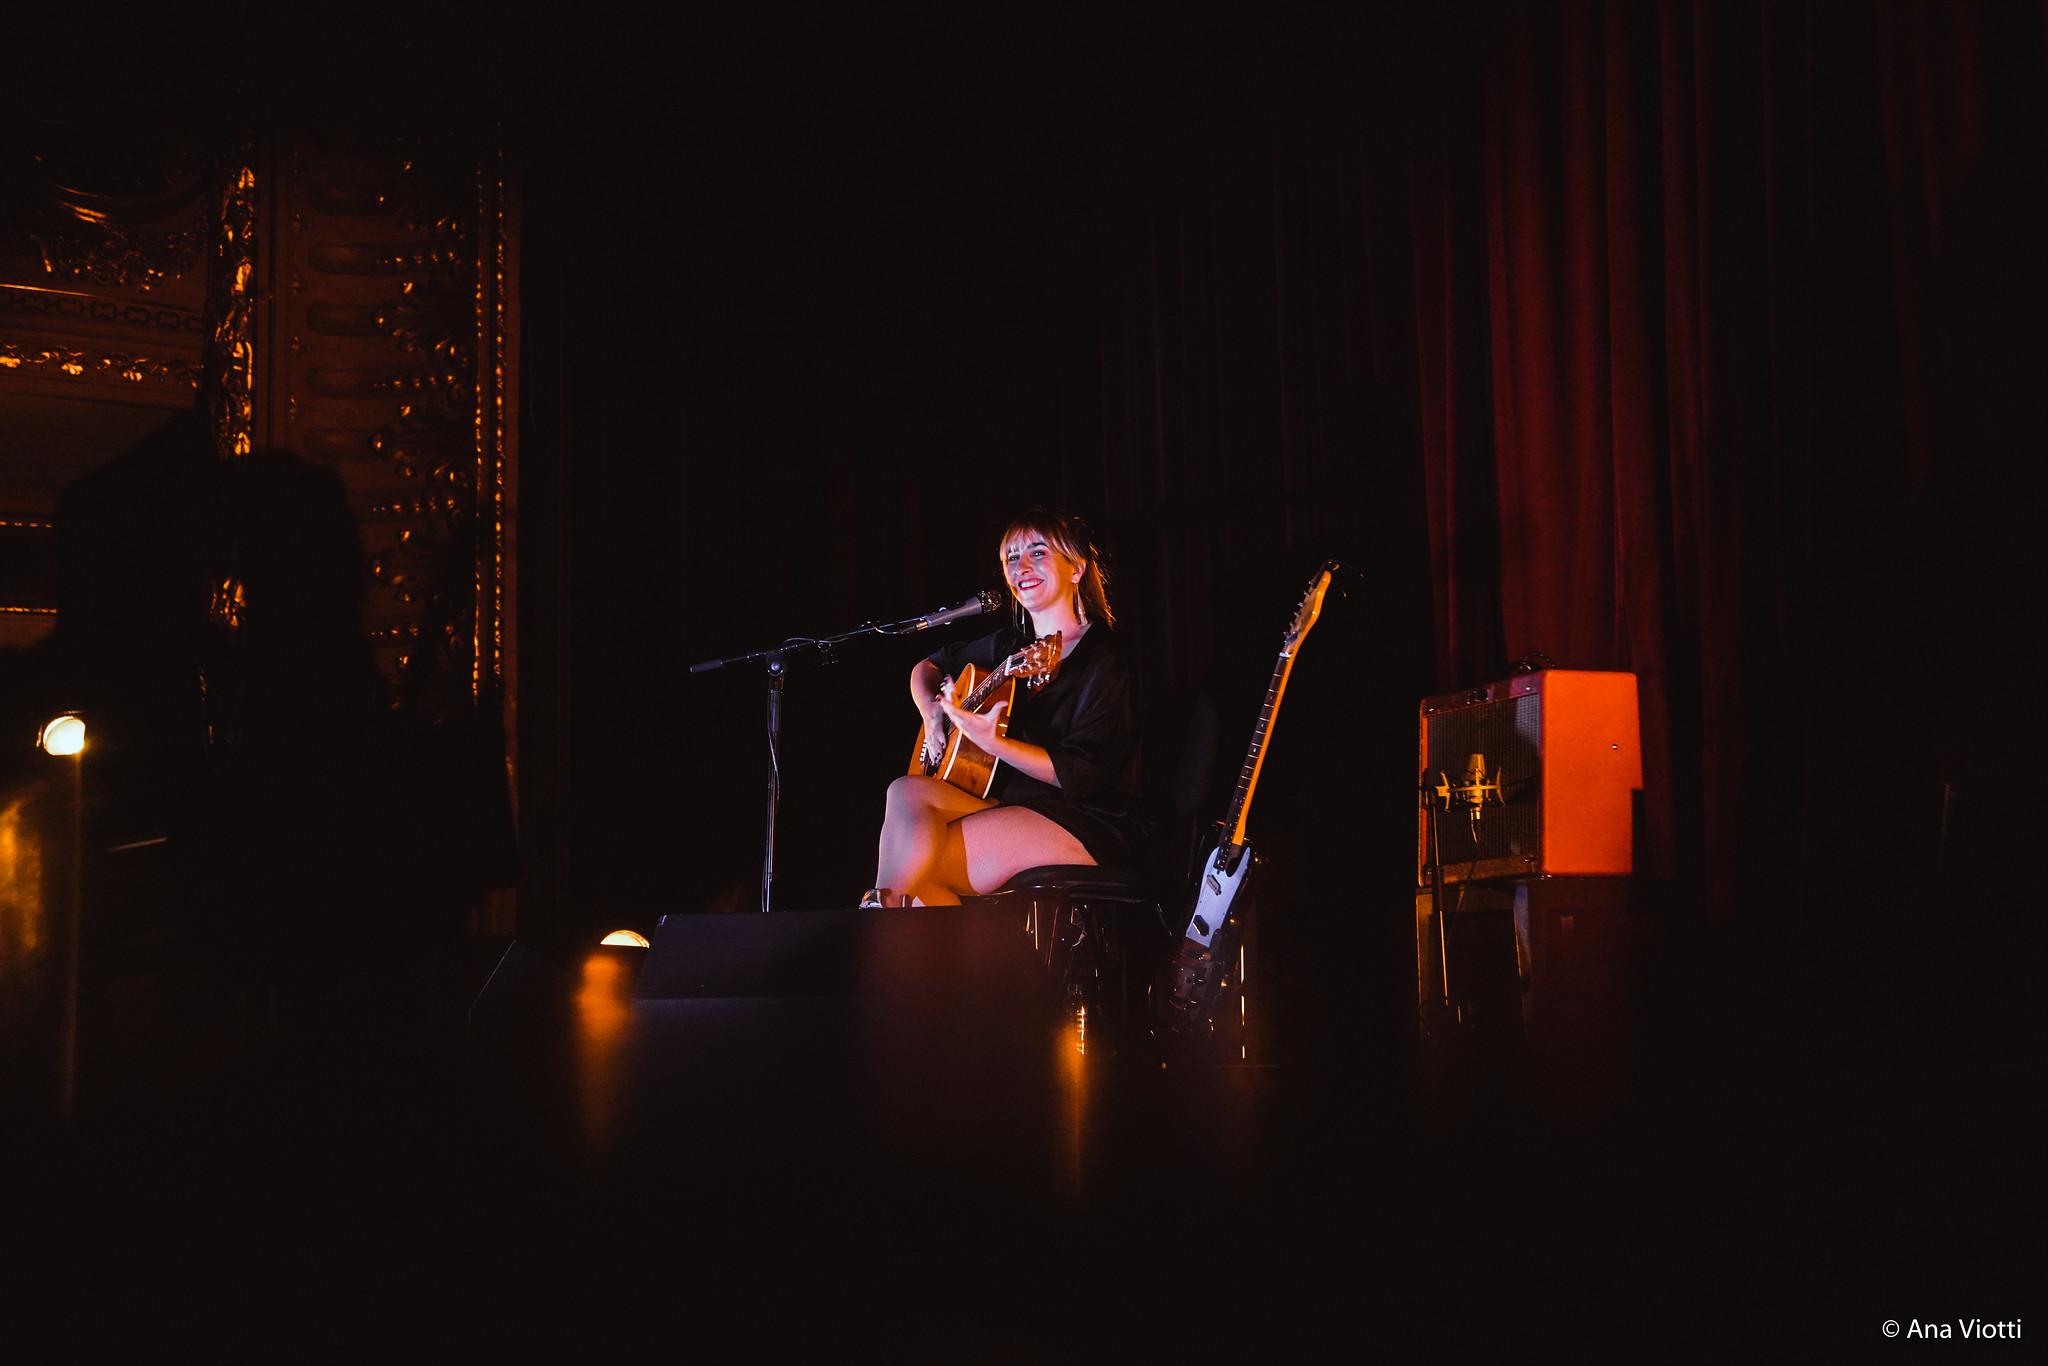 Márcia (solo) | Takeover #1 – Musicbox no São Luiz